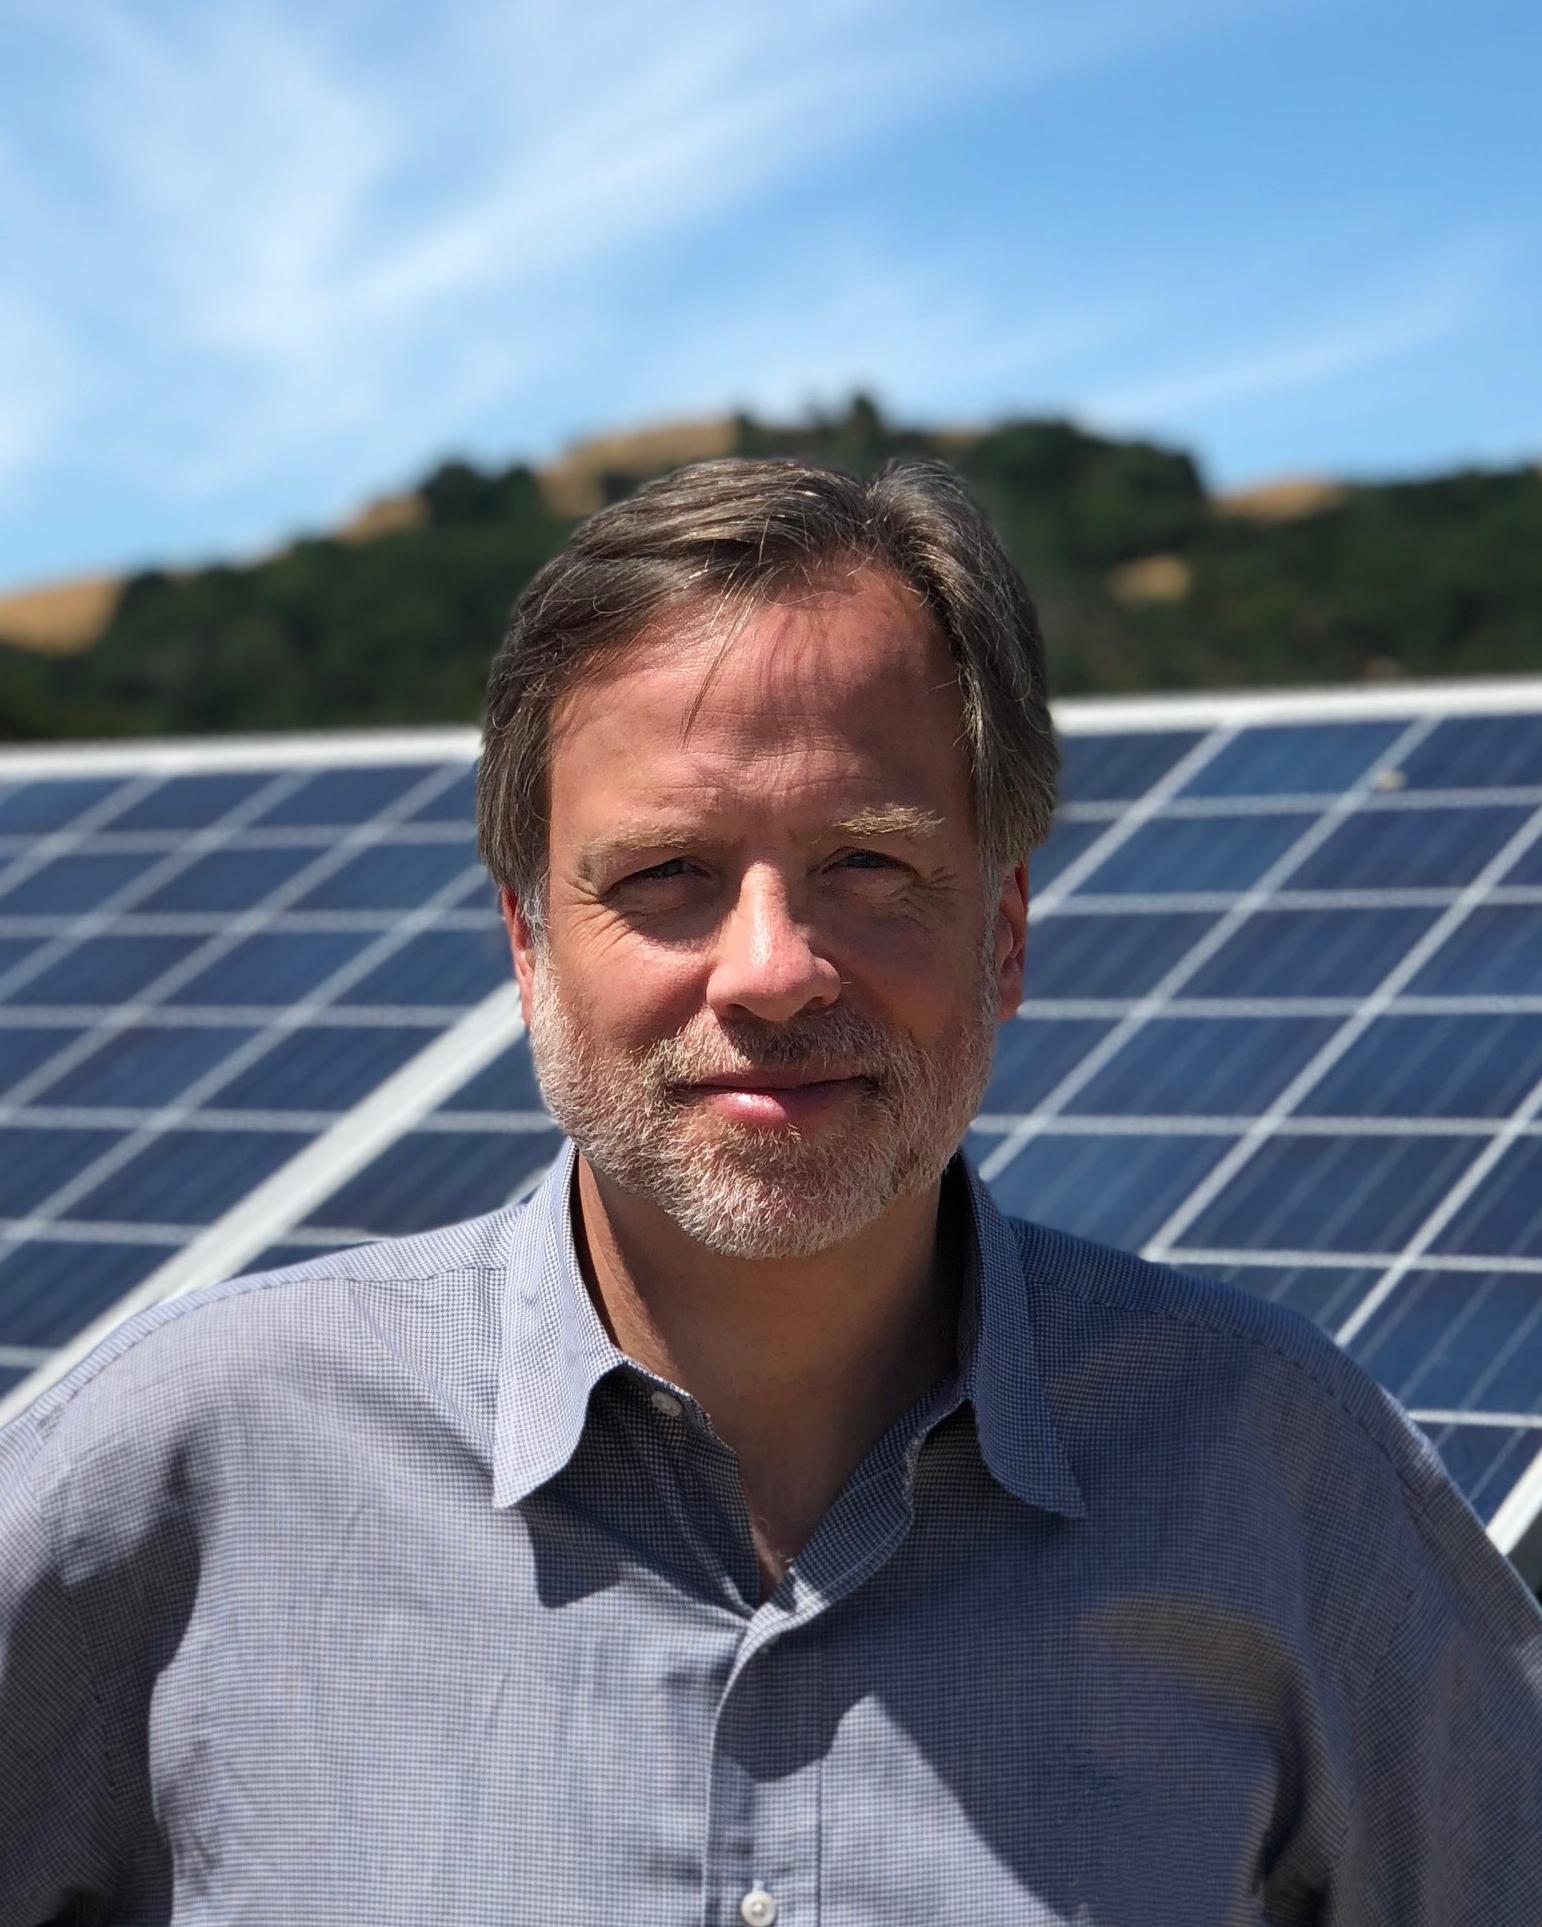 2018-07-13 Bill at Solar Panel clean.jpg